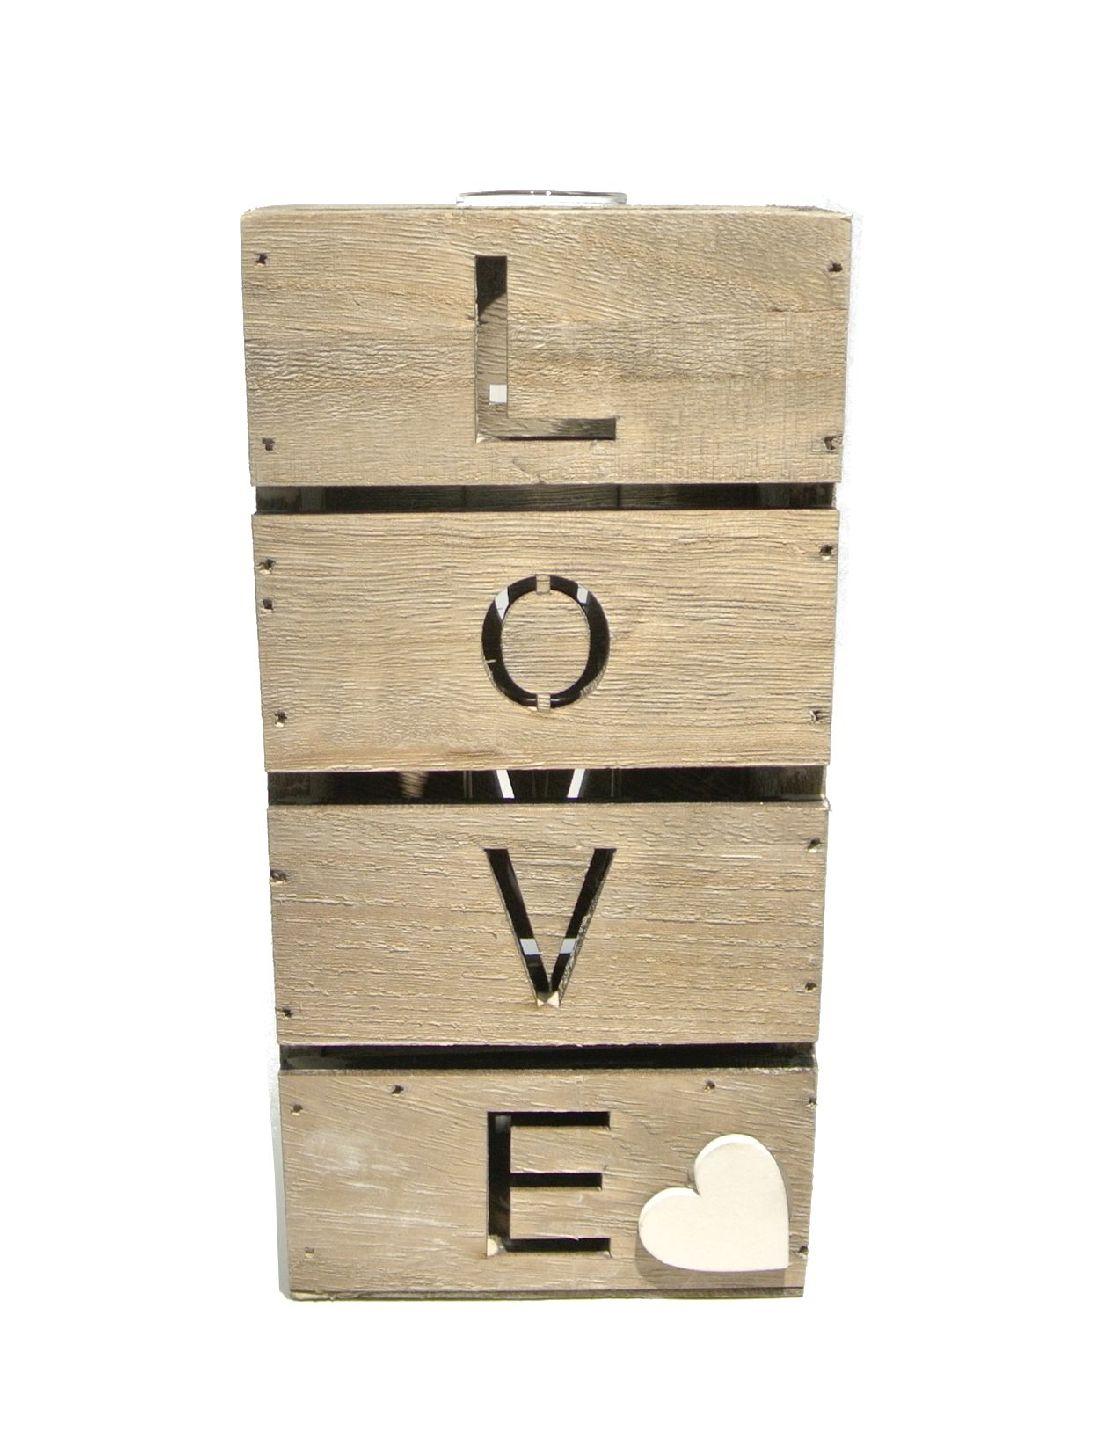 Reagenzgläser im Holzrahmen 20-3423 LOVE GRAU-WASHED 10x6xH20cm mit 1Glas Ø3cm